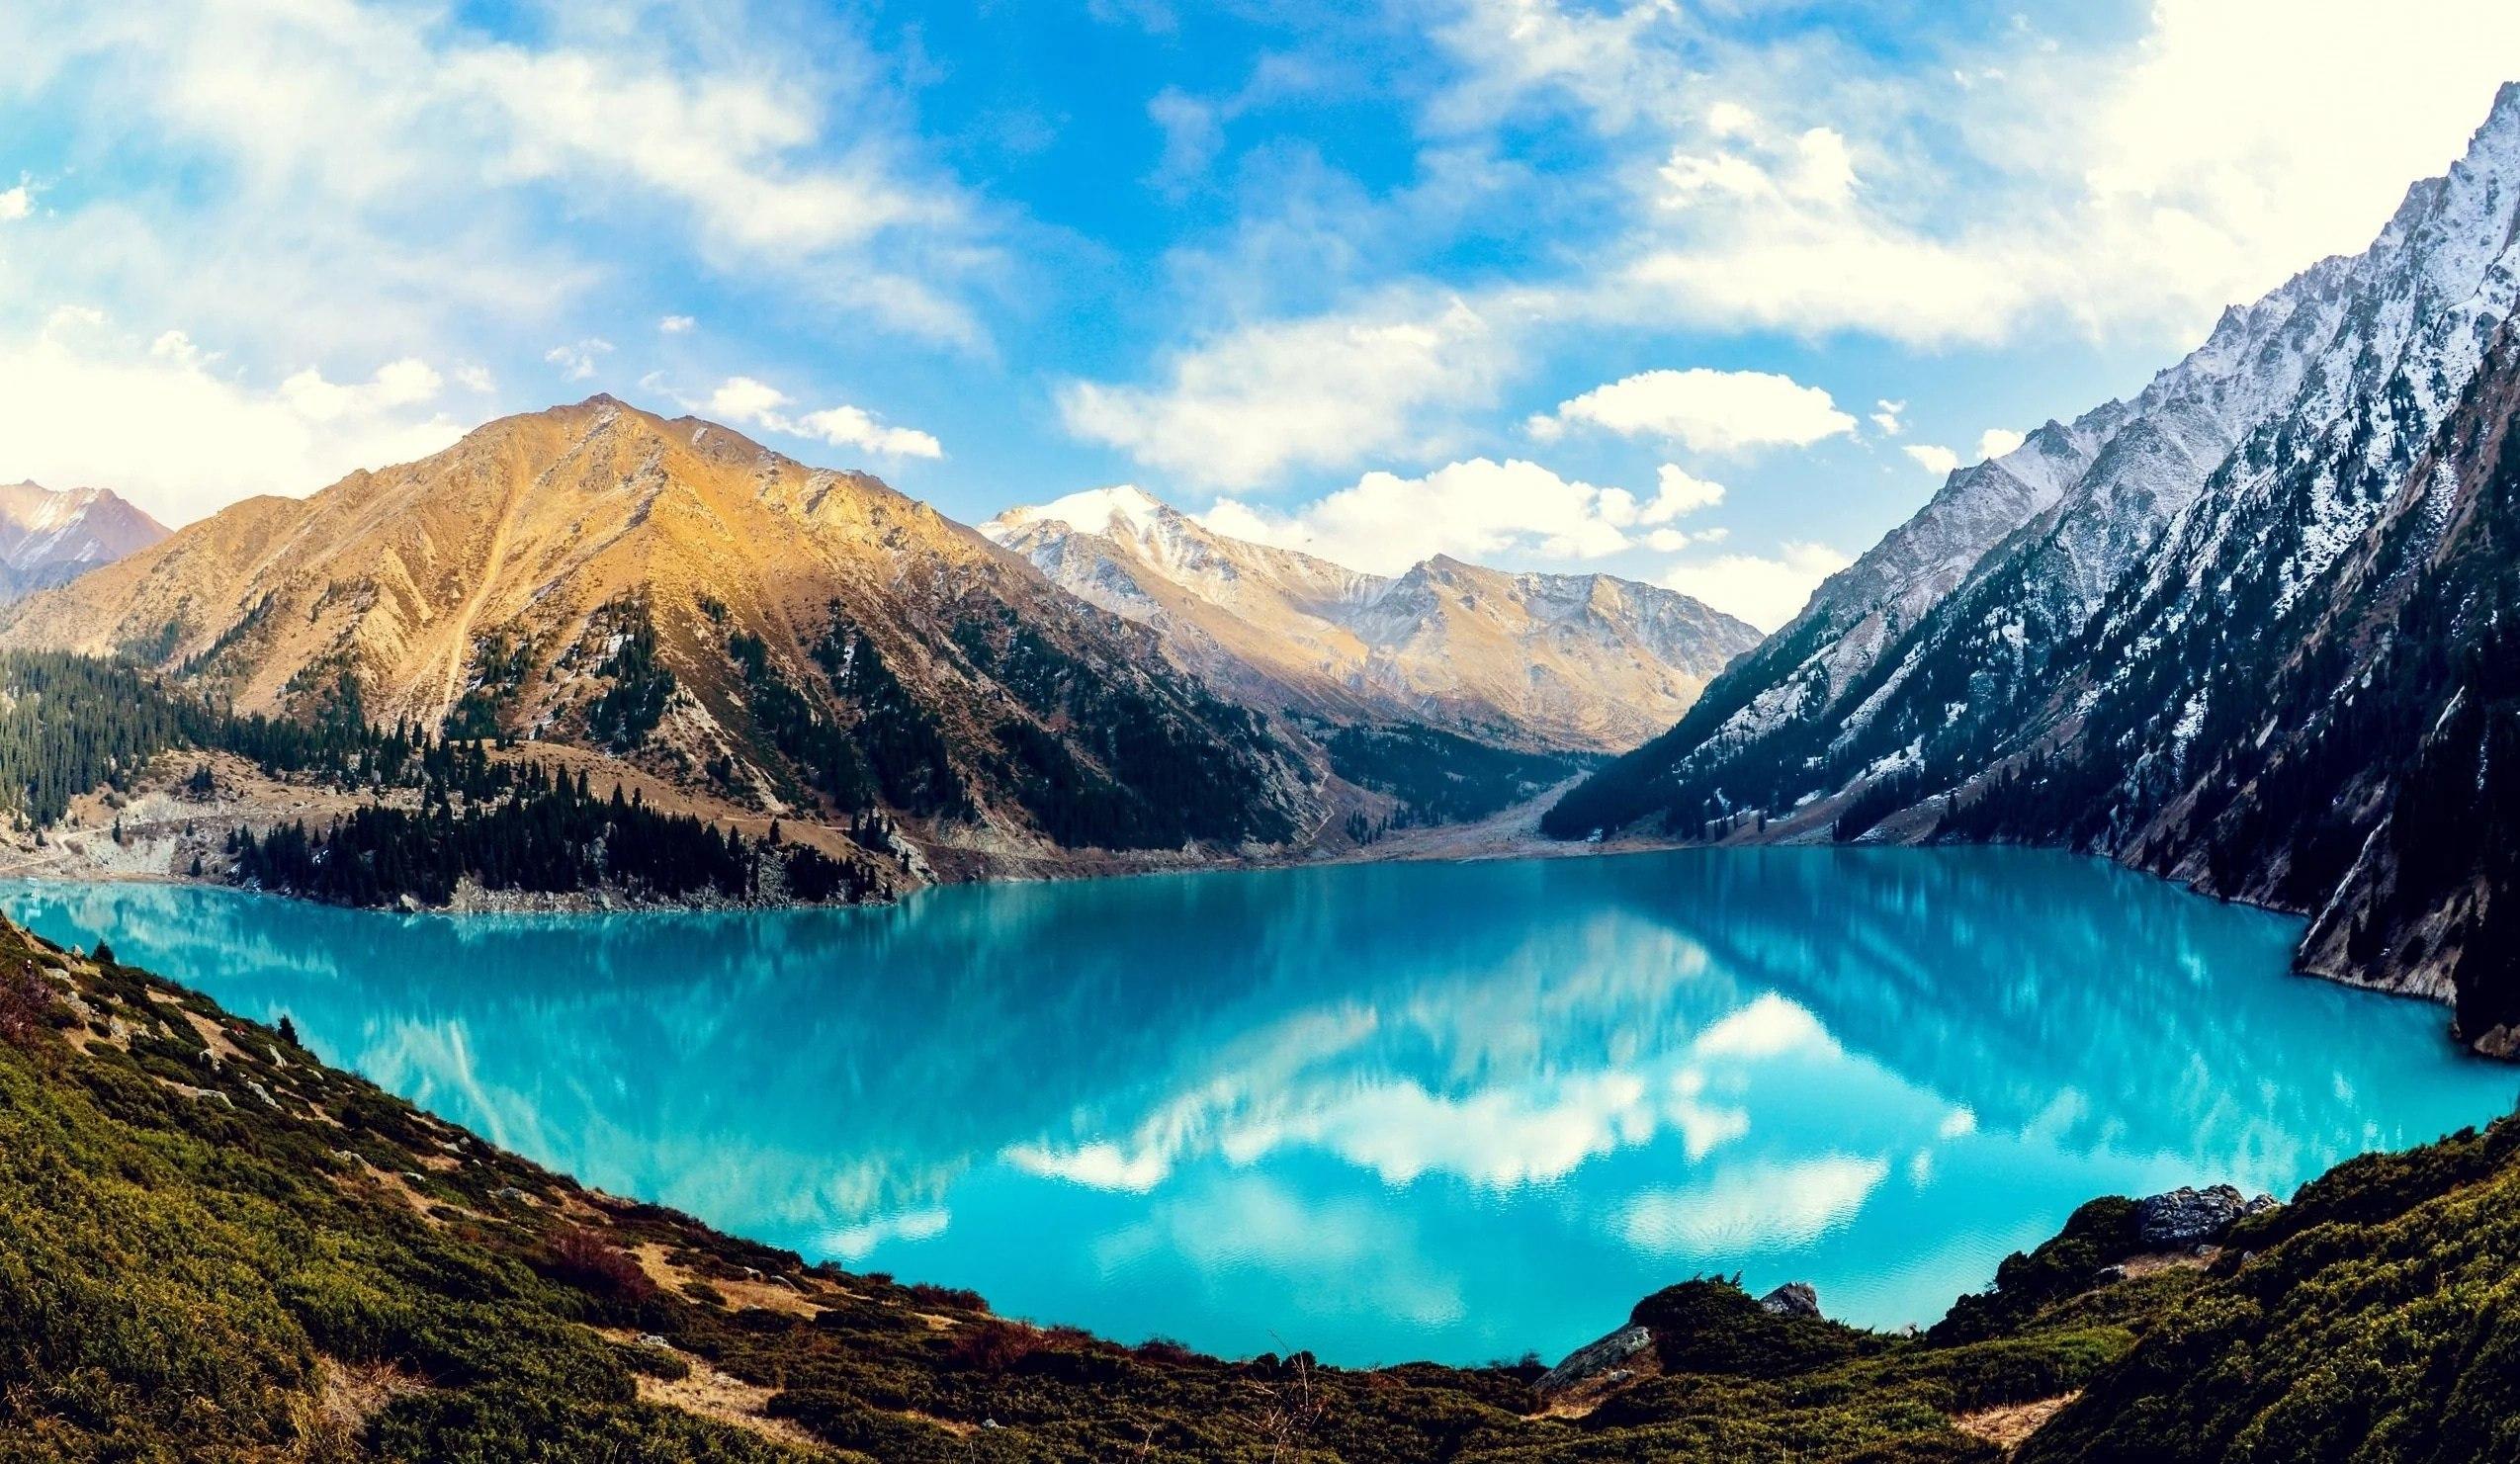 Казахстан вошел в тройку лучших стран для экскурсионного отдыха в СНГ